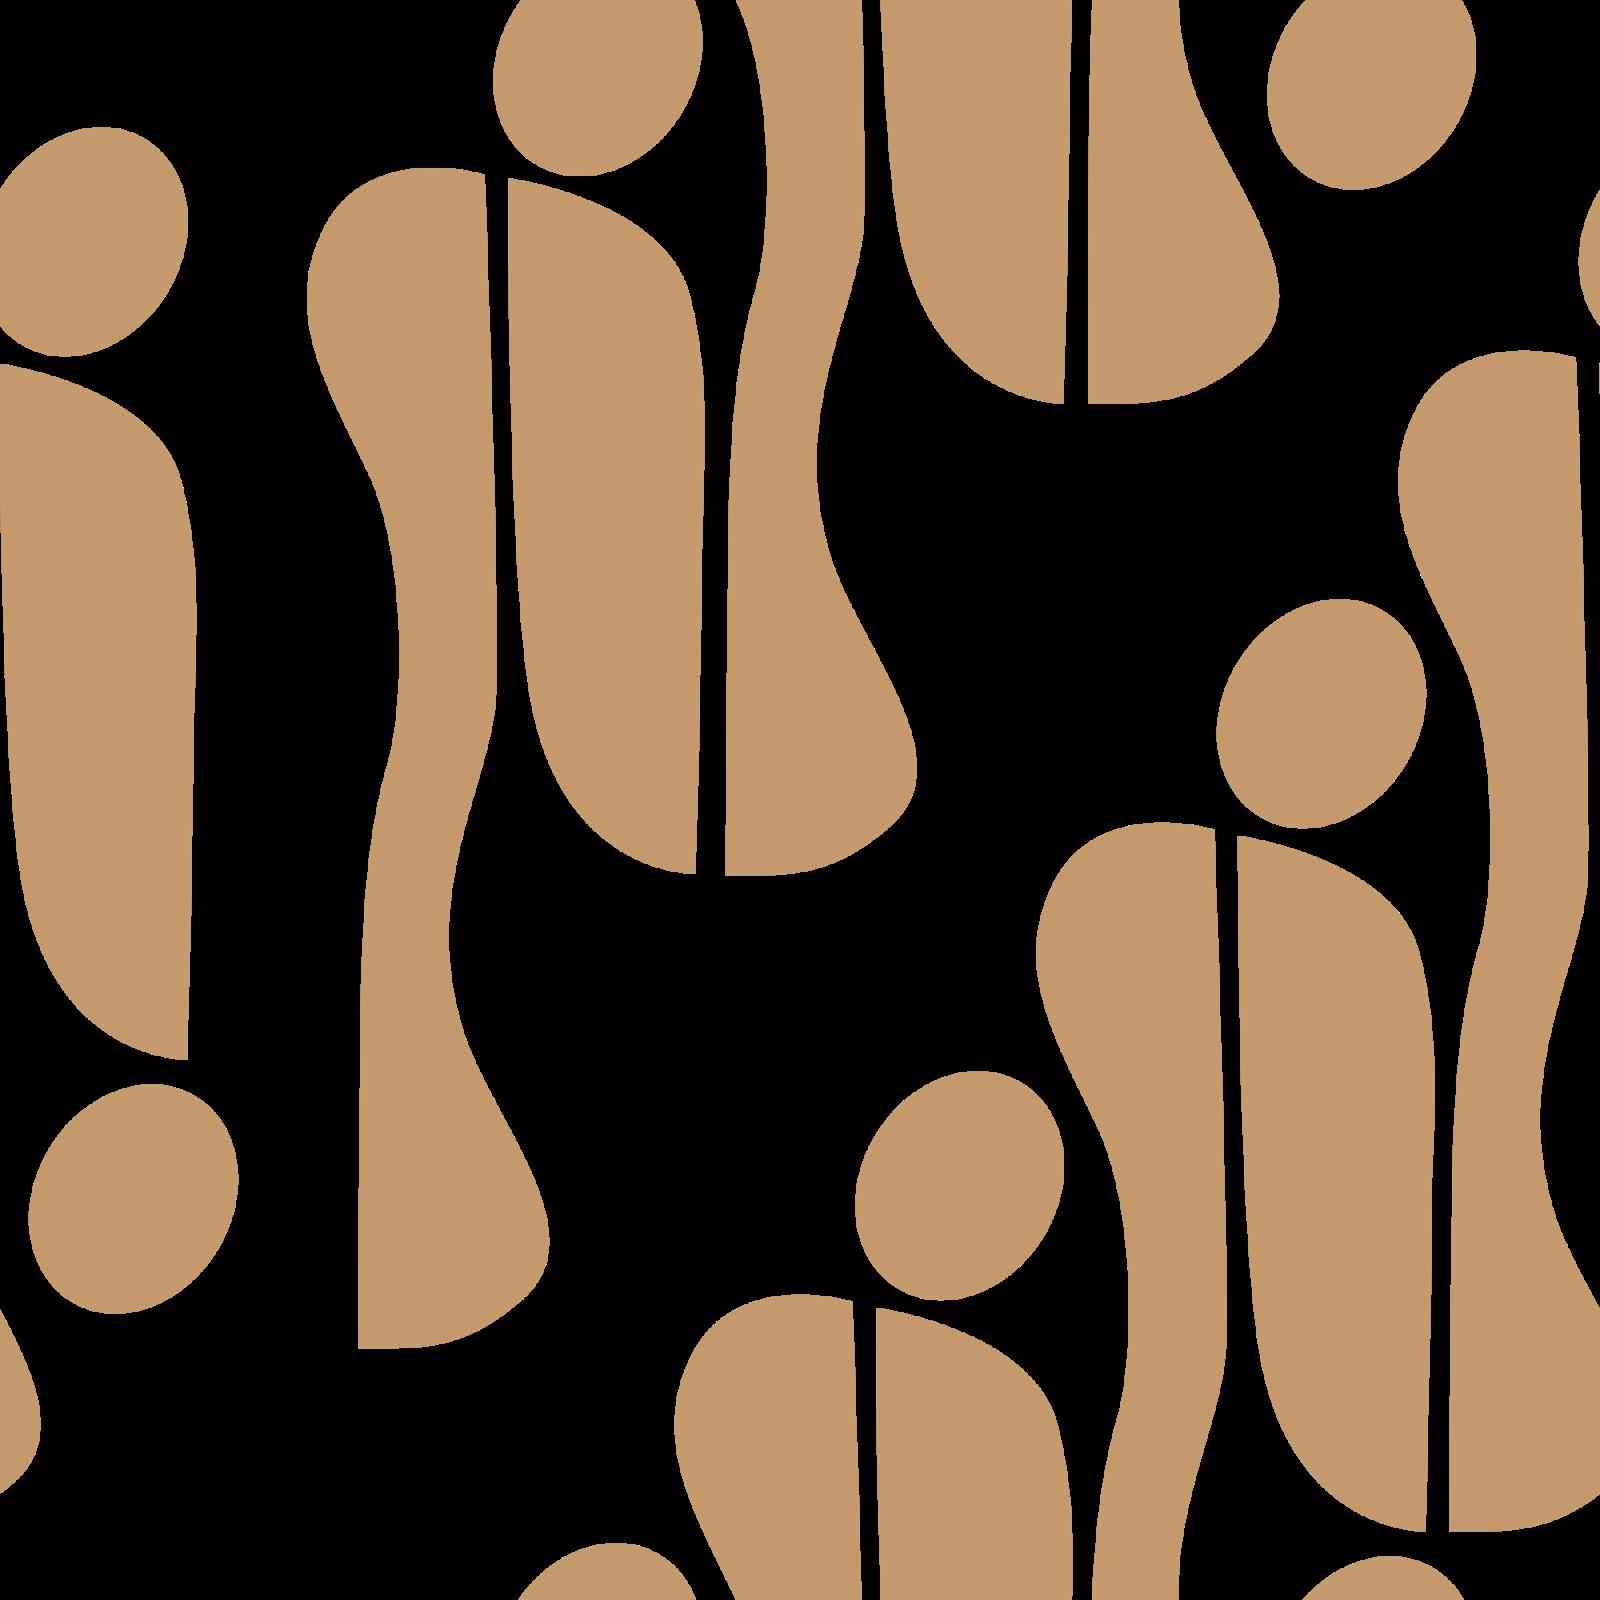 Kumpulan Tekstur Seamless Yang Simpel Dan Elegan